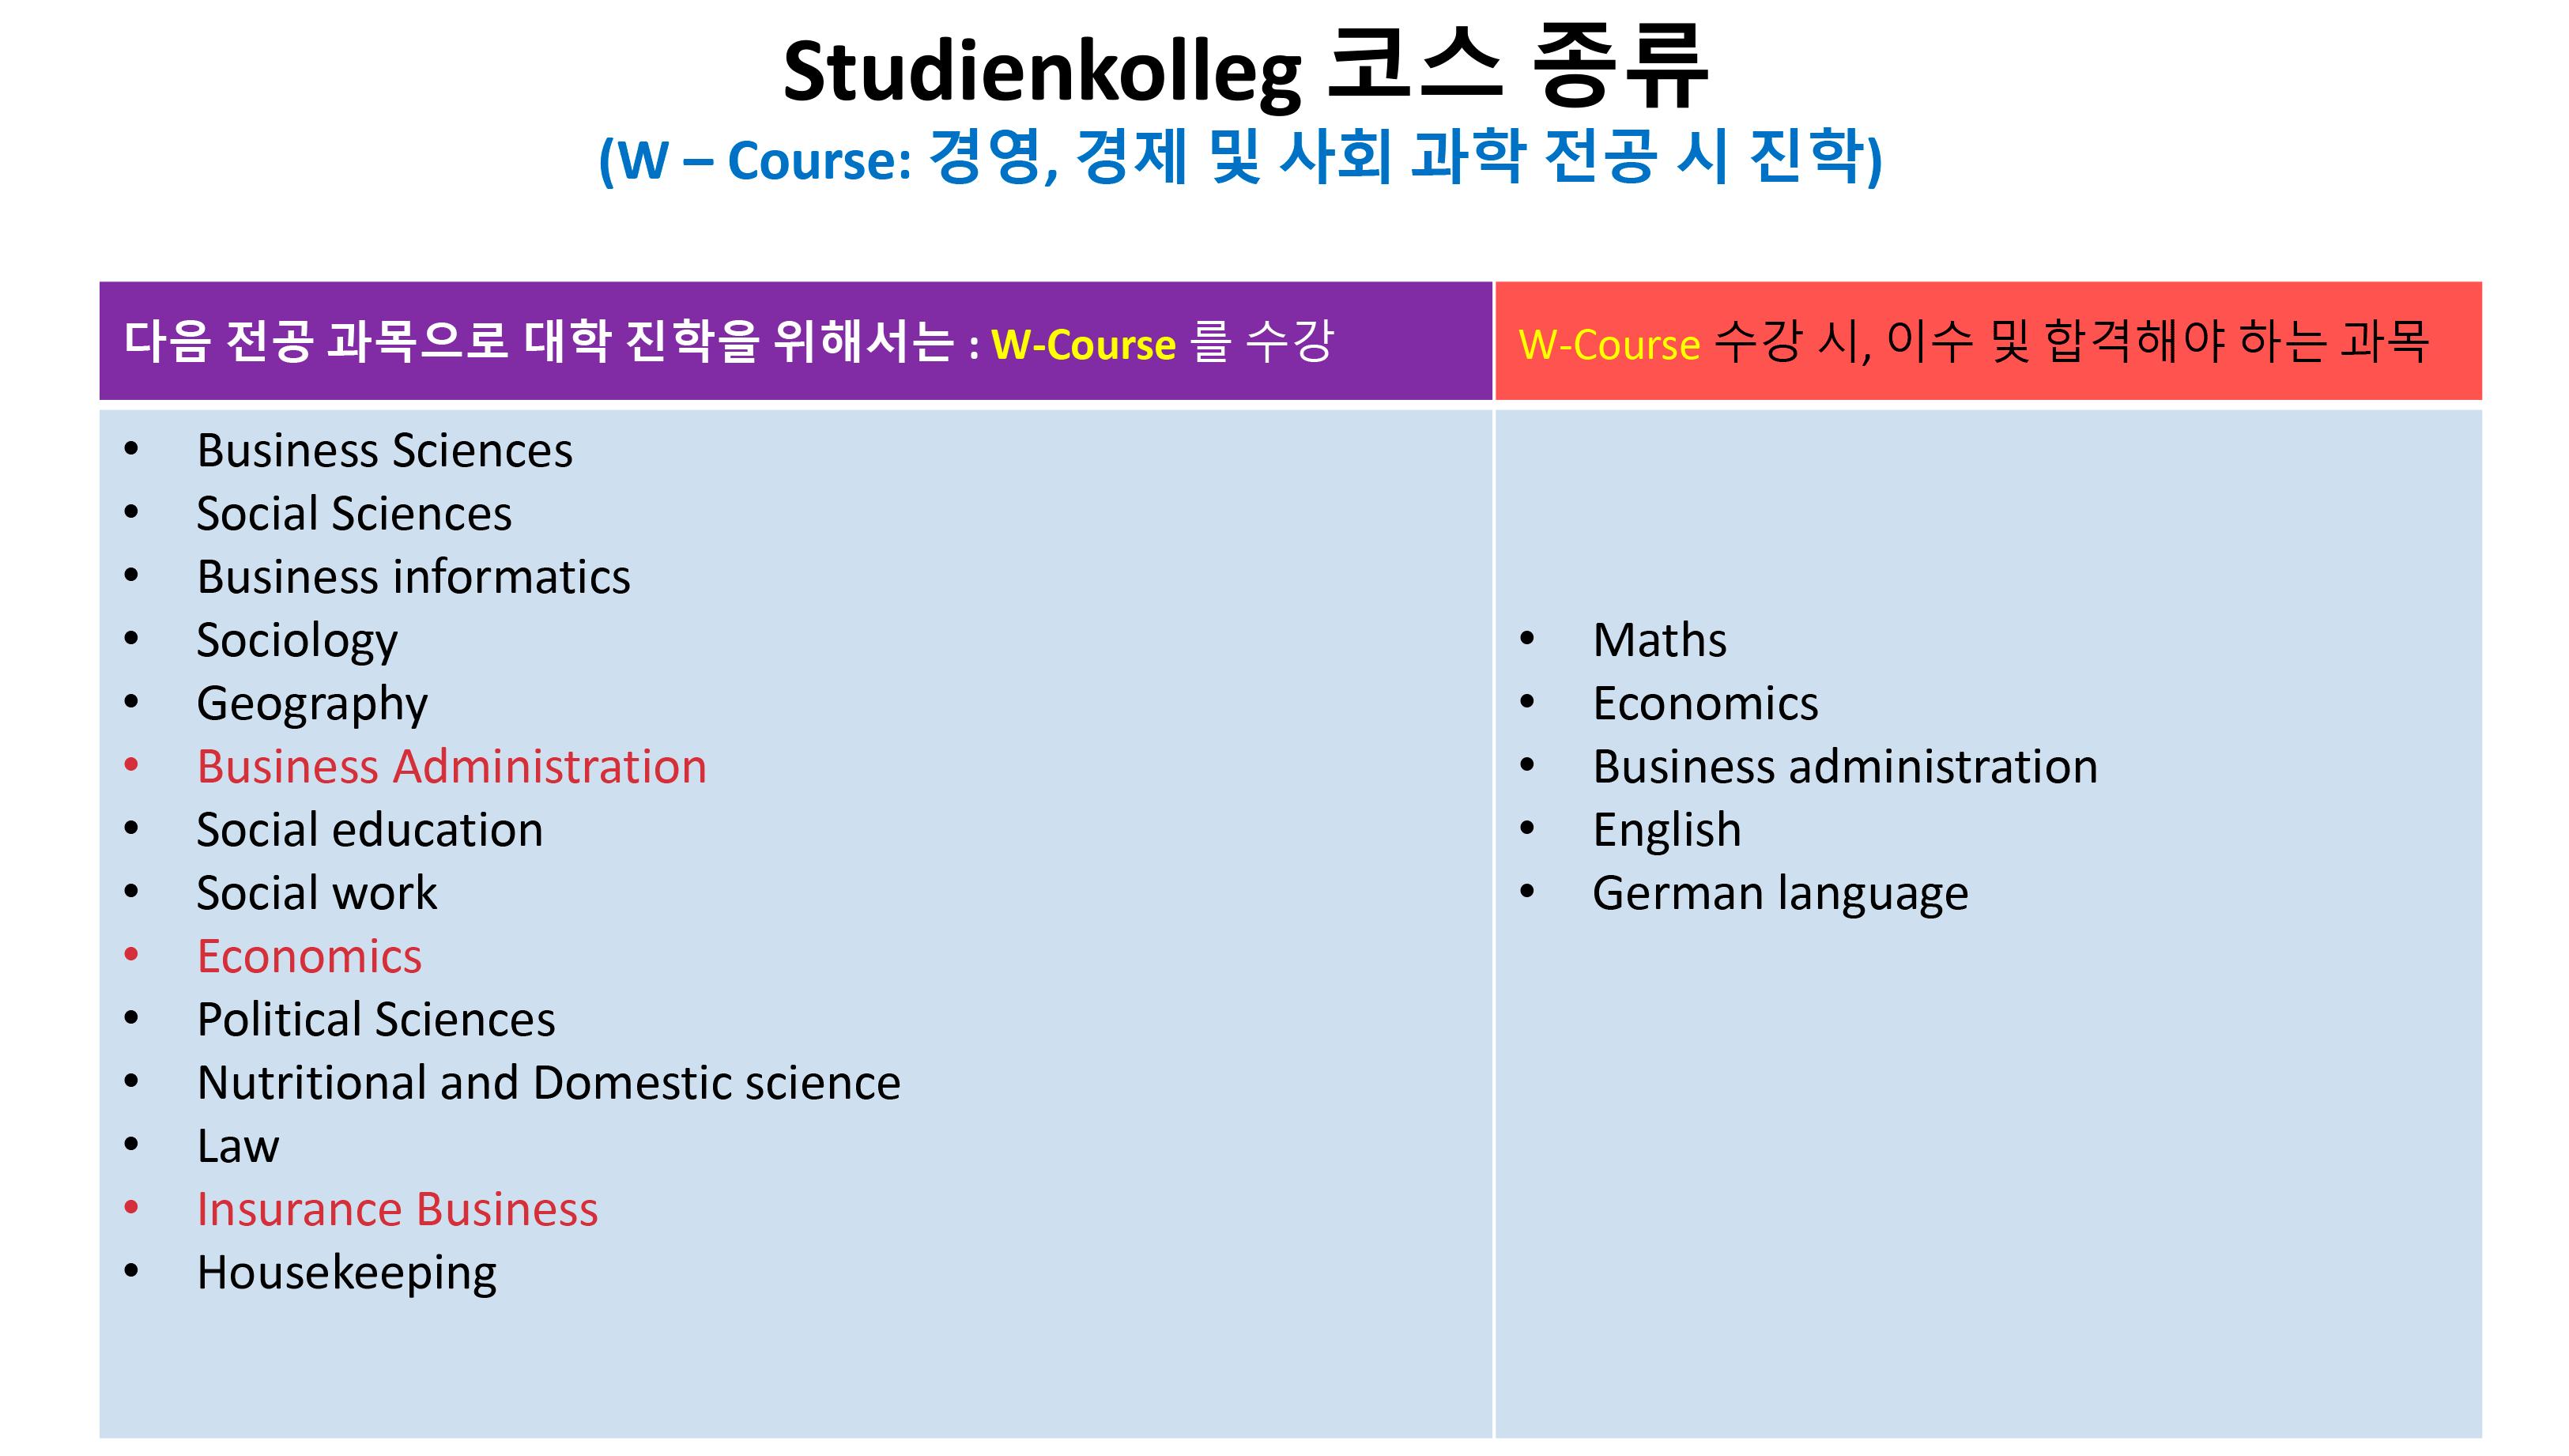 TLG-독일-어학연수-및-대학-진학반_유학원-설명용-(3)-26.png